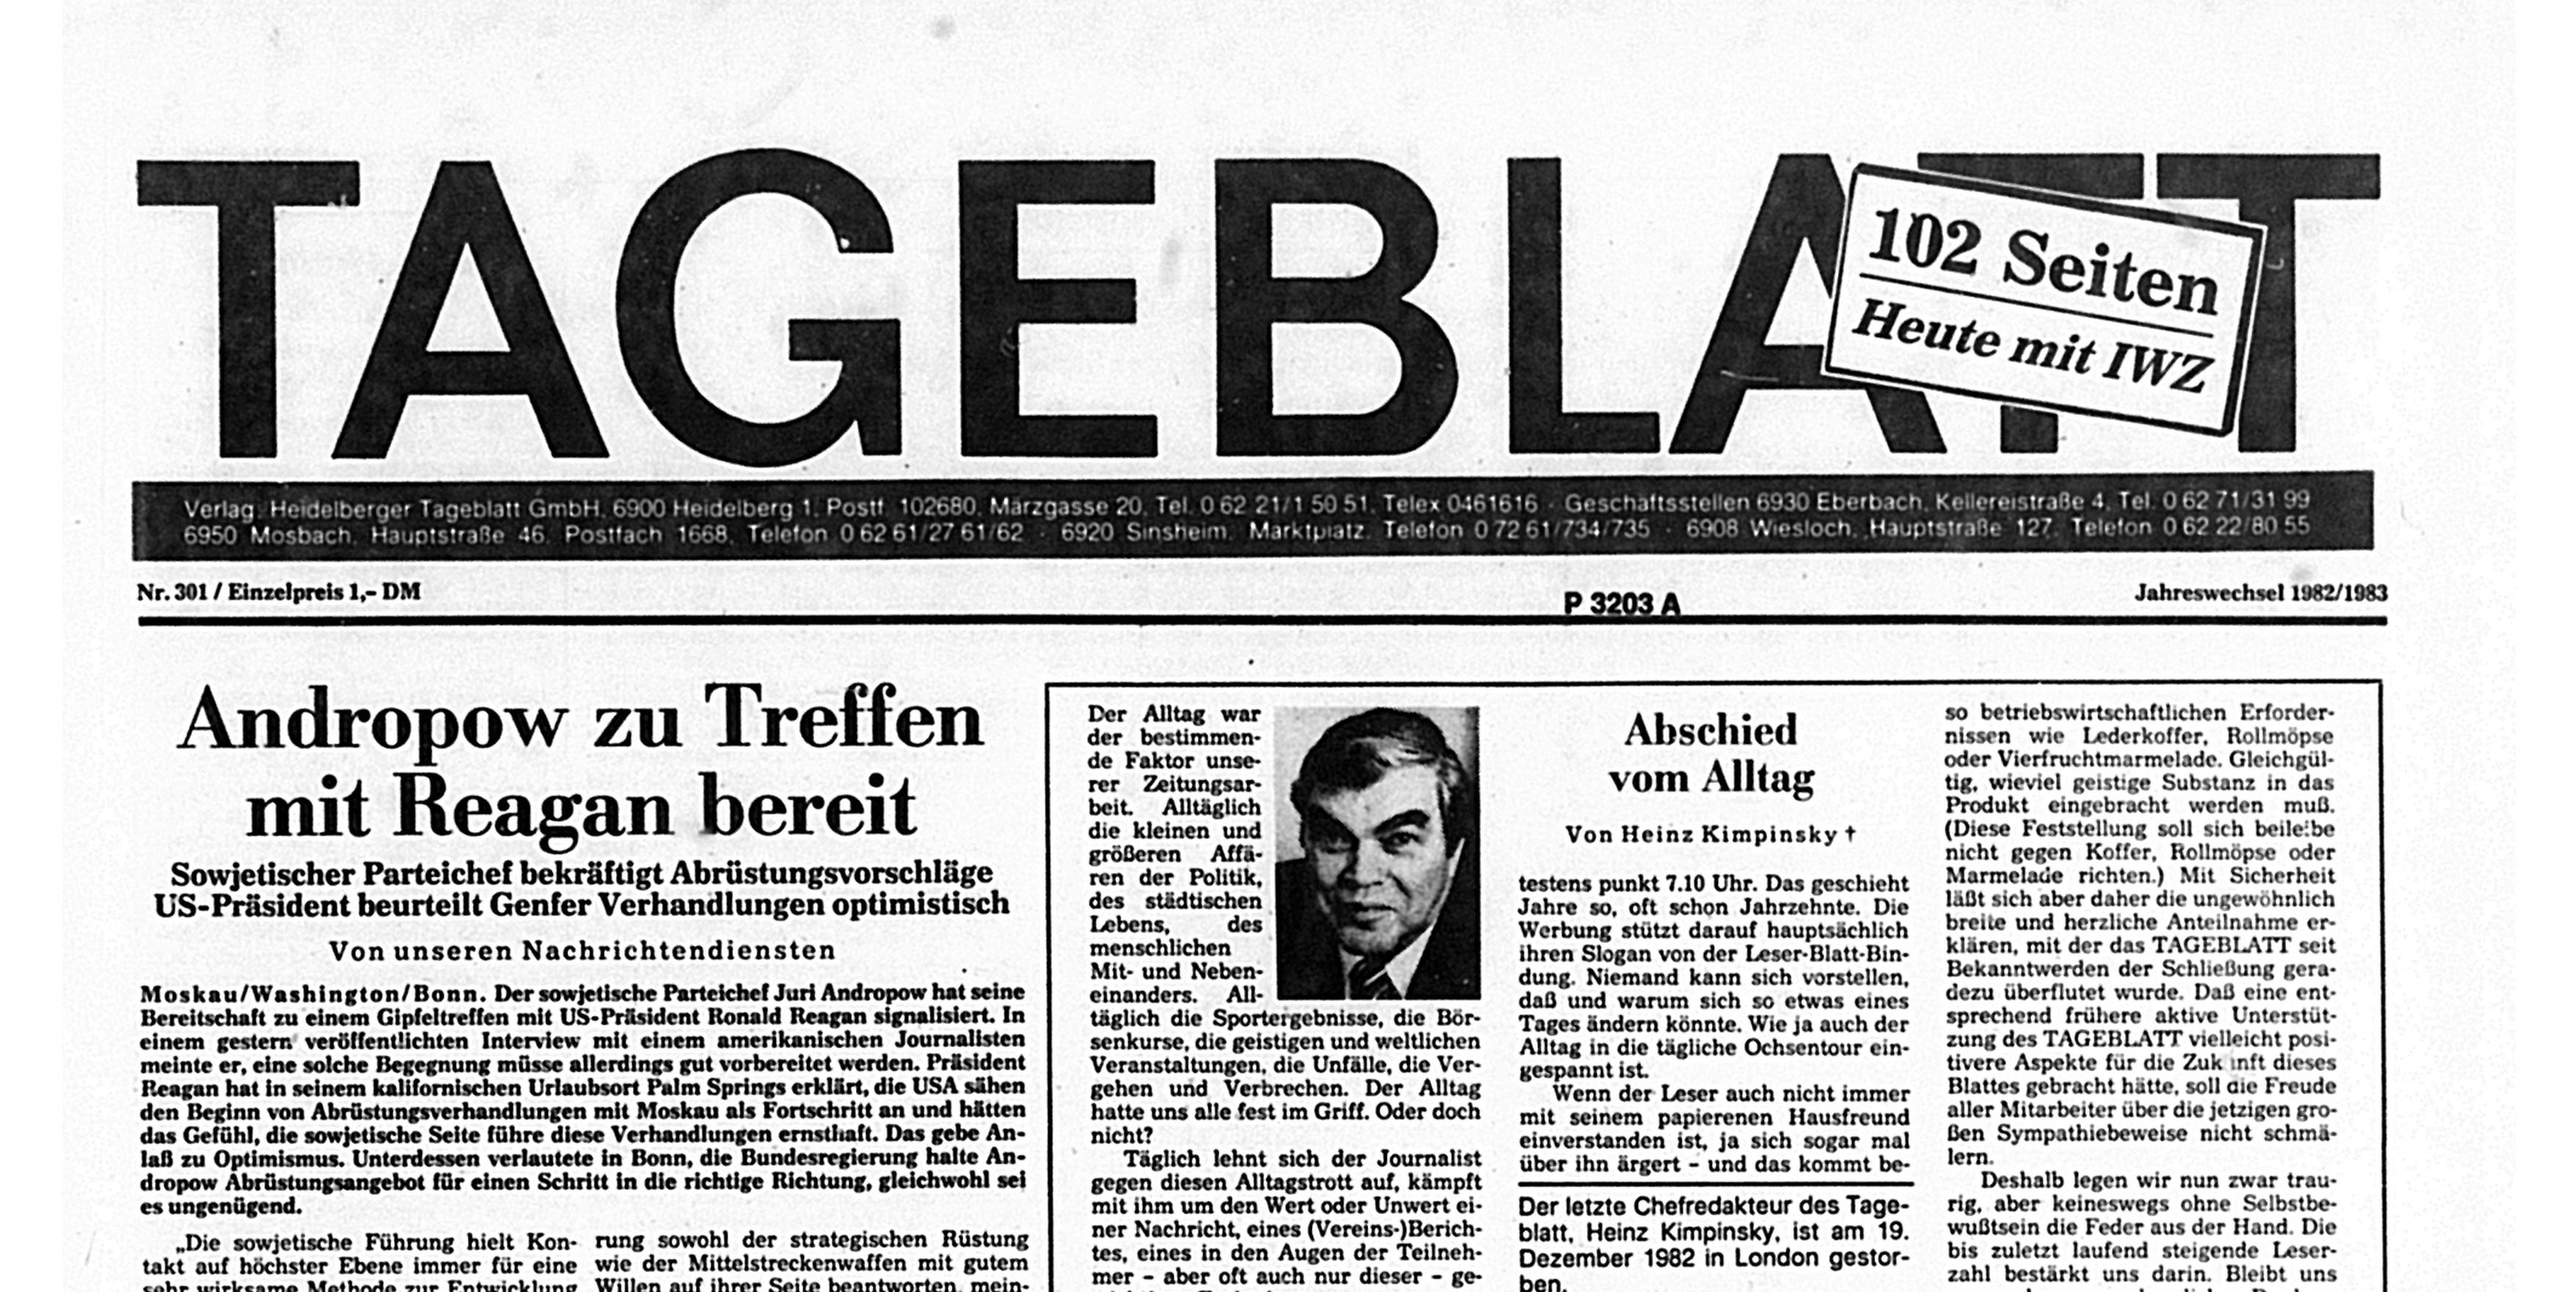 Die letzte Titelseite des Heidelberger Tageblatts vom 31. Dezember 1982. Foto: Universitätsbibliothek Heidelberg